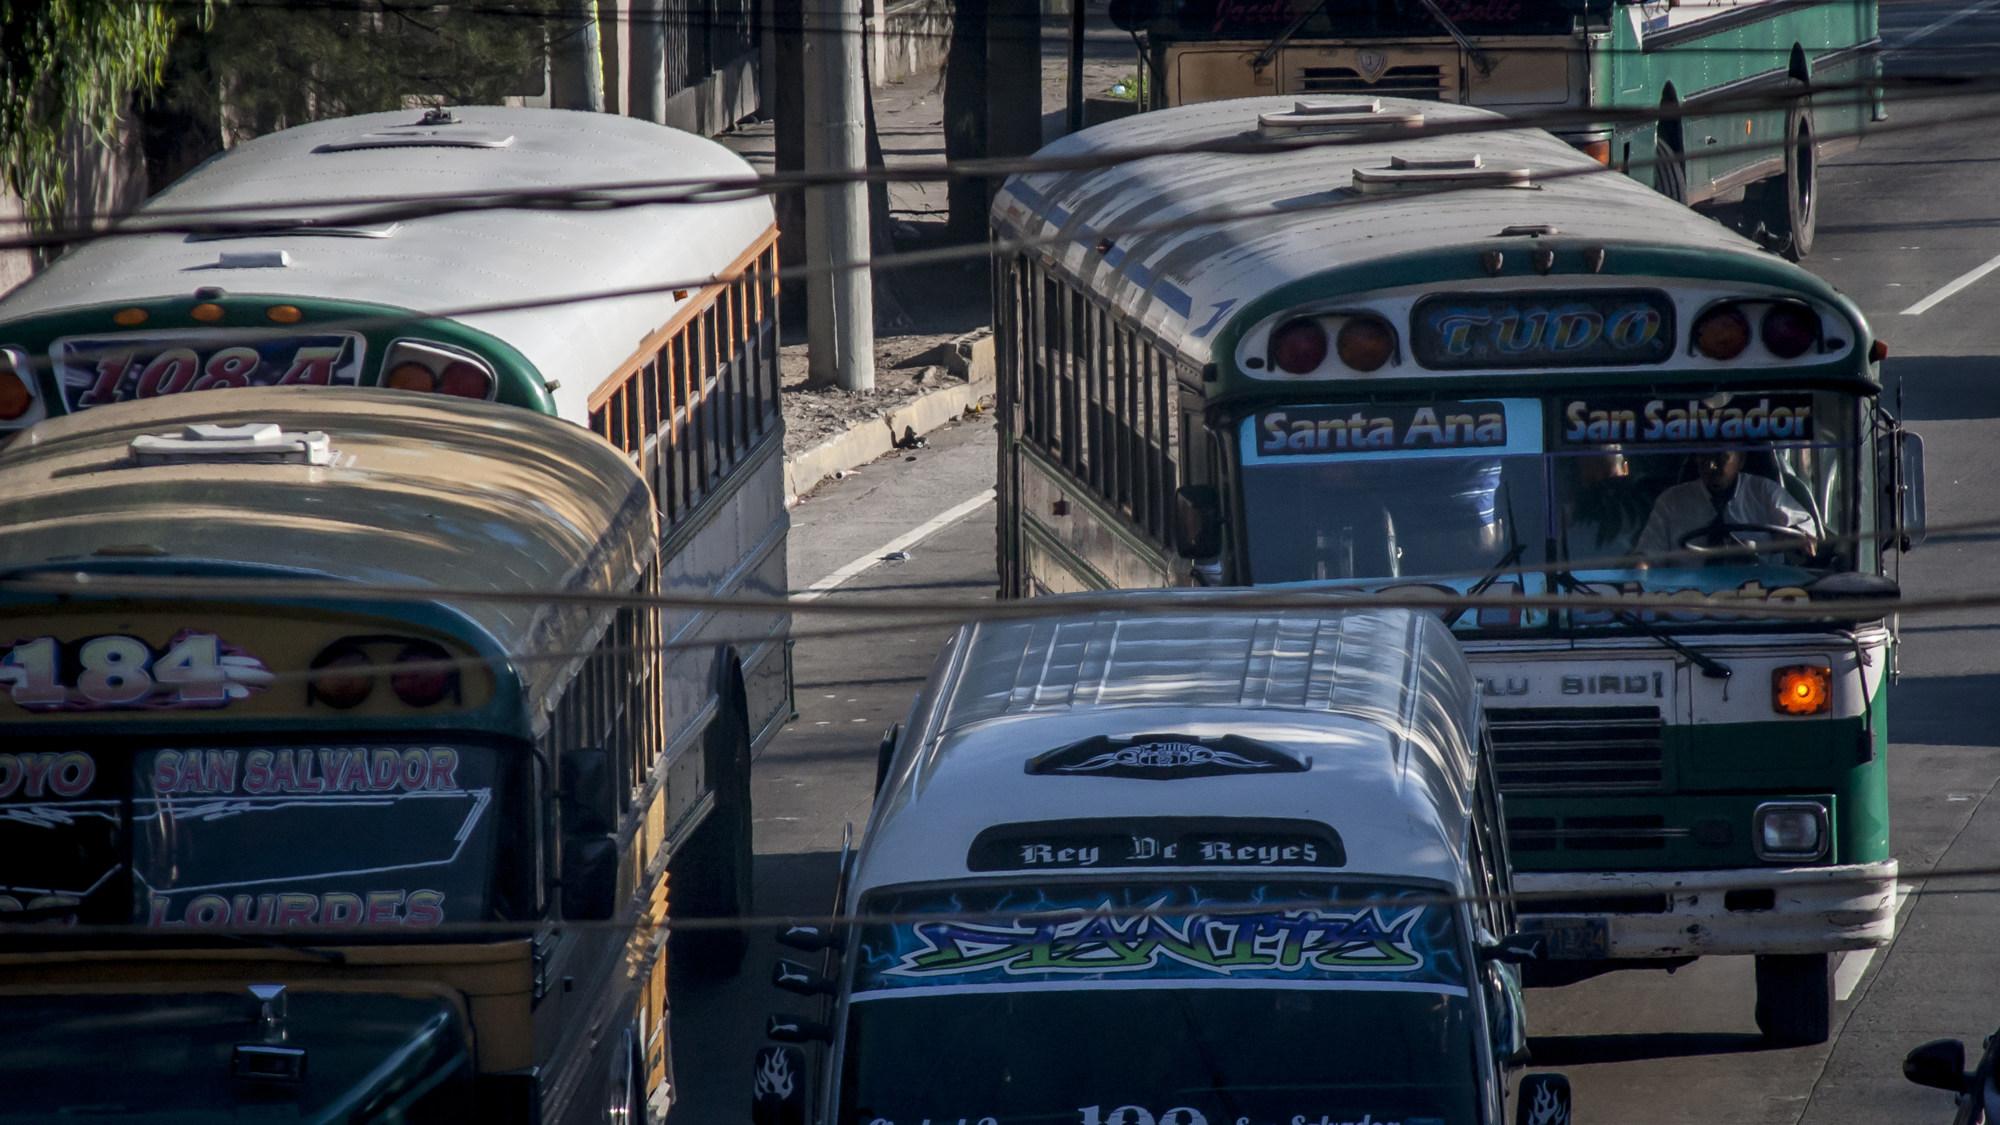 La ruta de buses que institucionalizó la extorsión